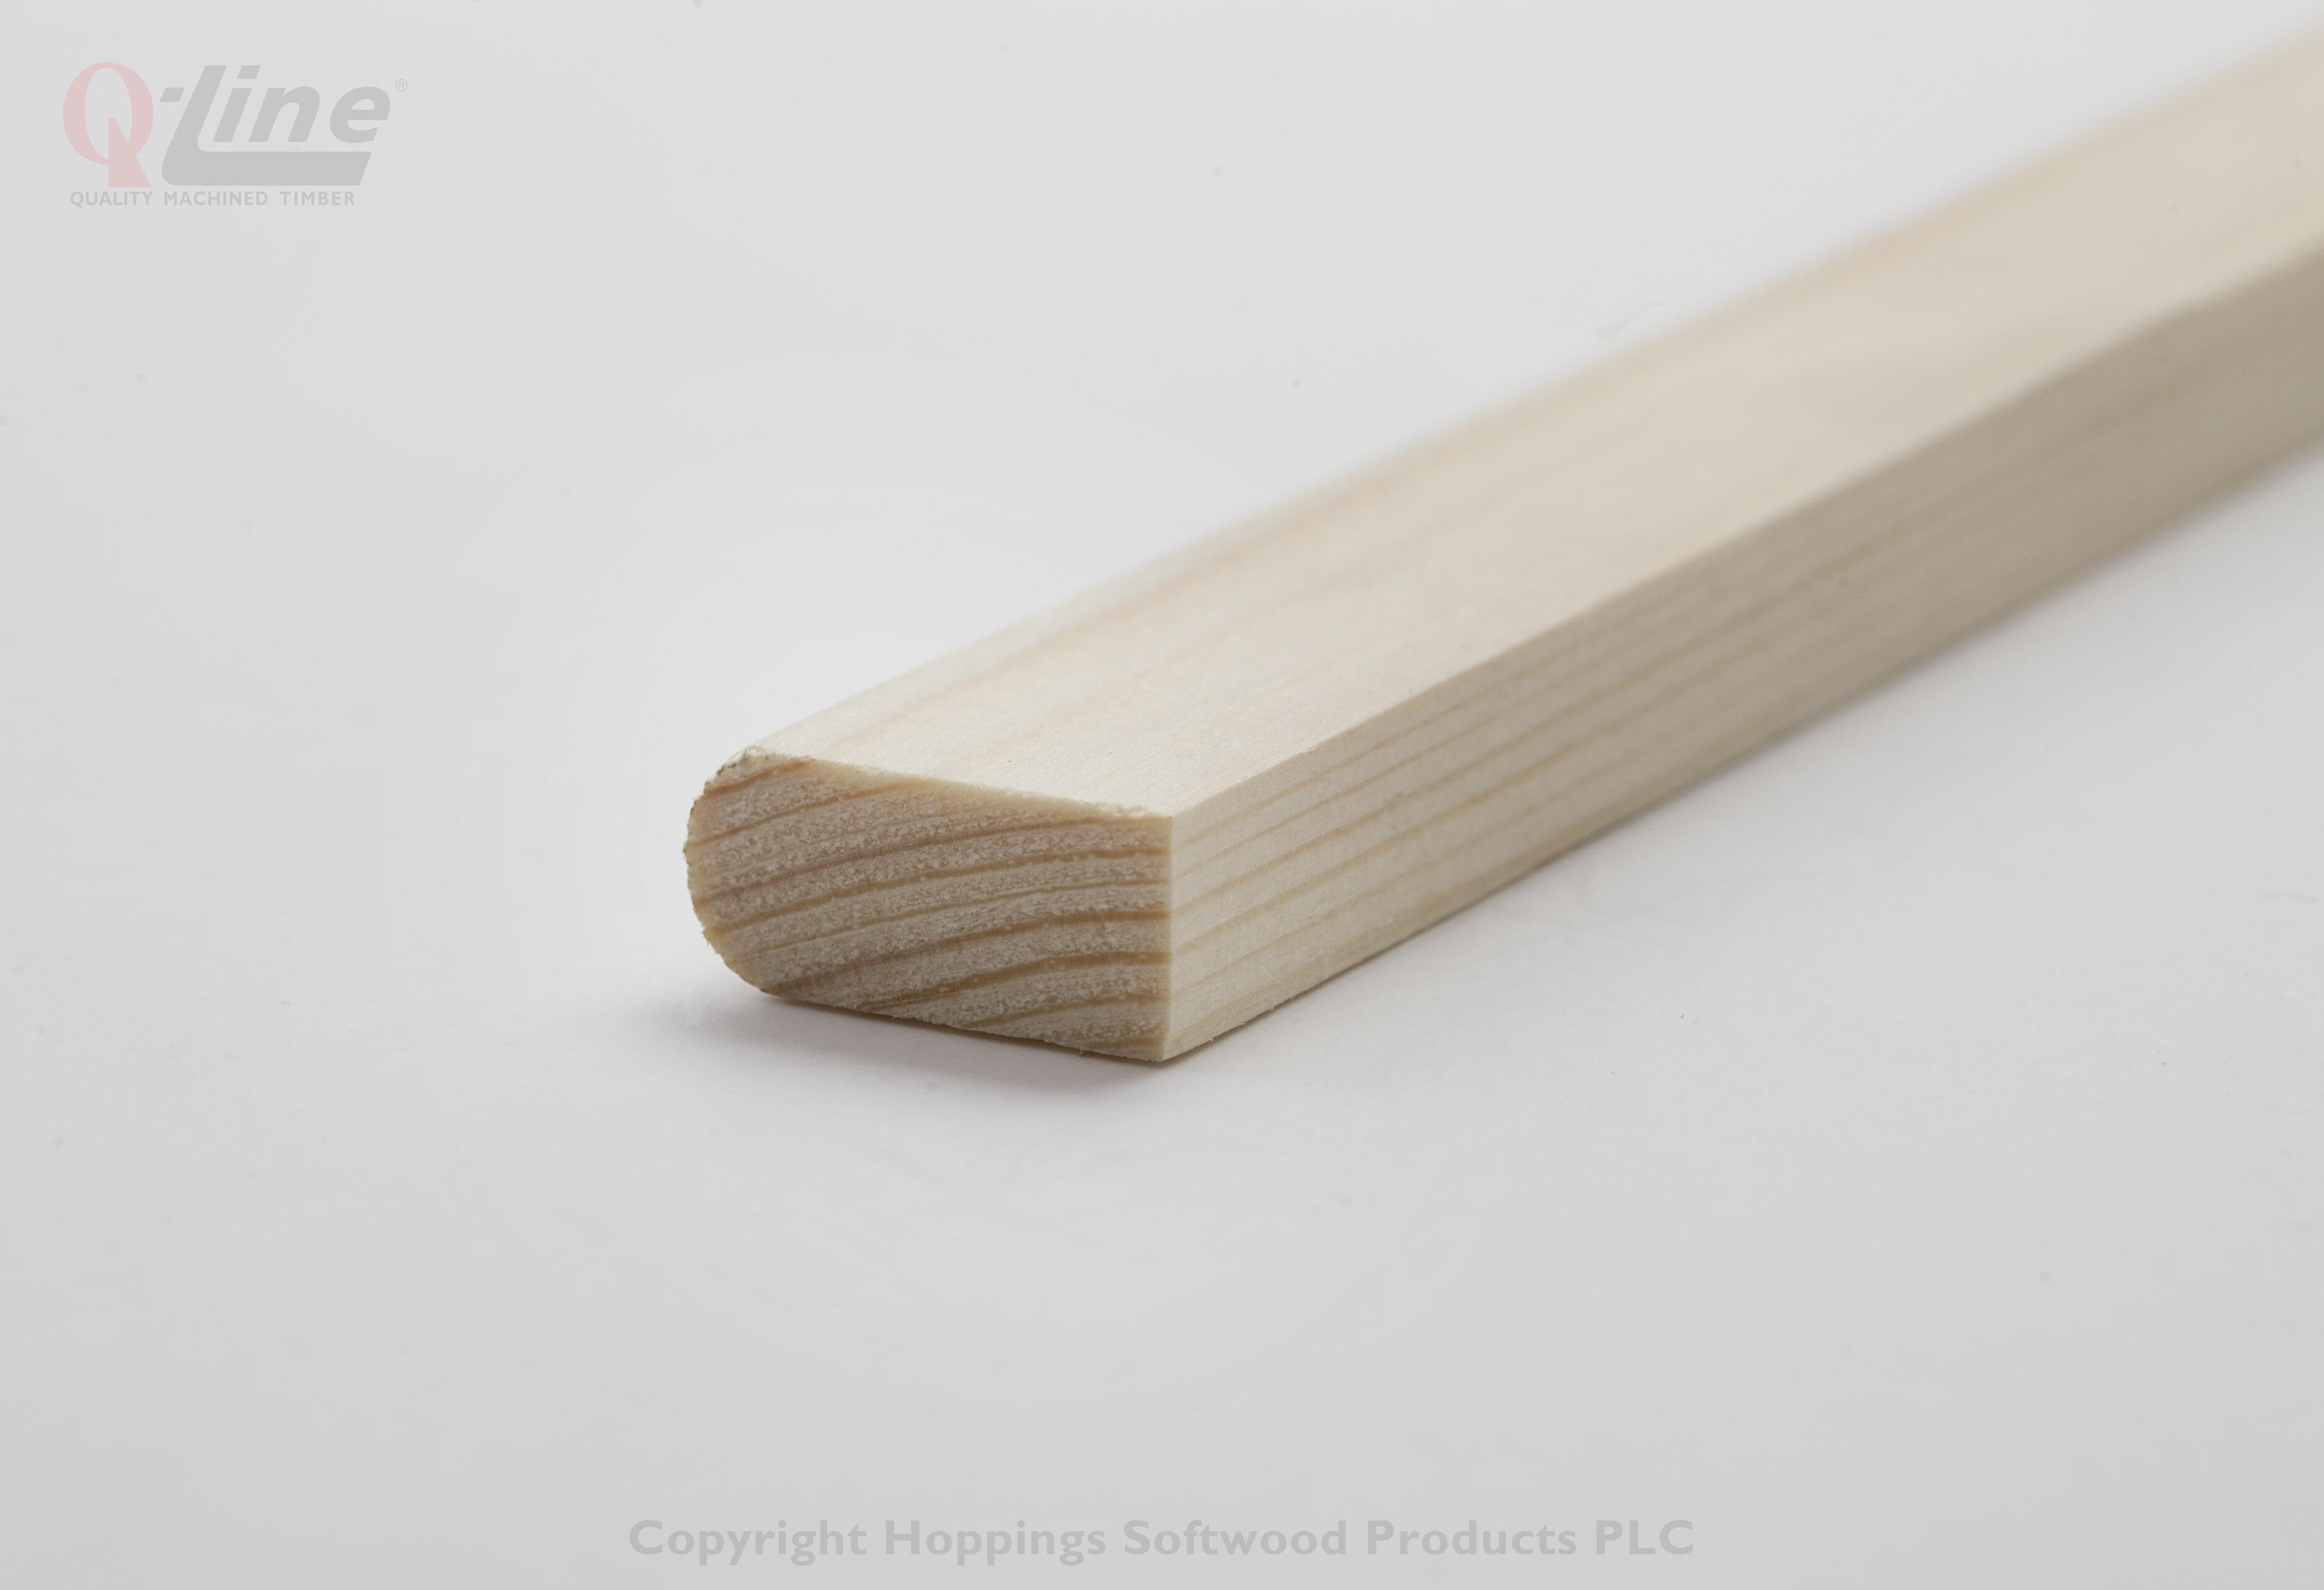 12 x 32mm Nom. Redwood Parting Bead. Premium Grade